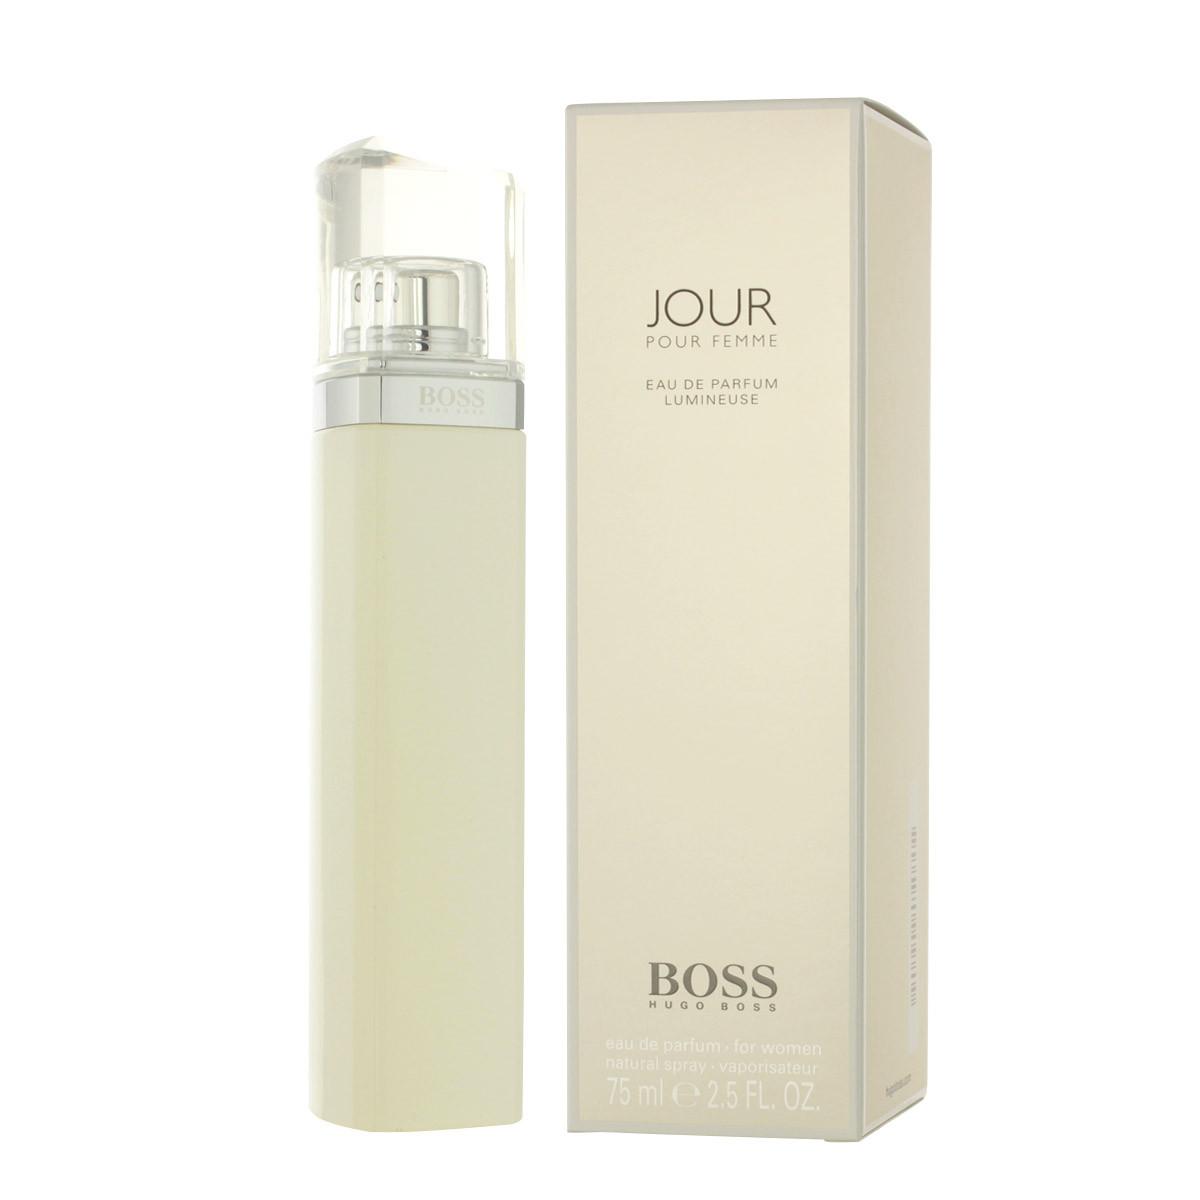 hugo boss jour pour femme lumineuse eau de parfum 75 ml. Black Bedroom Furniture Sets. Home Design Ideas